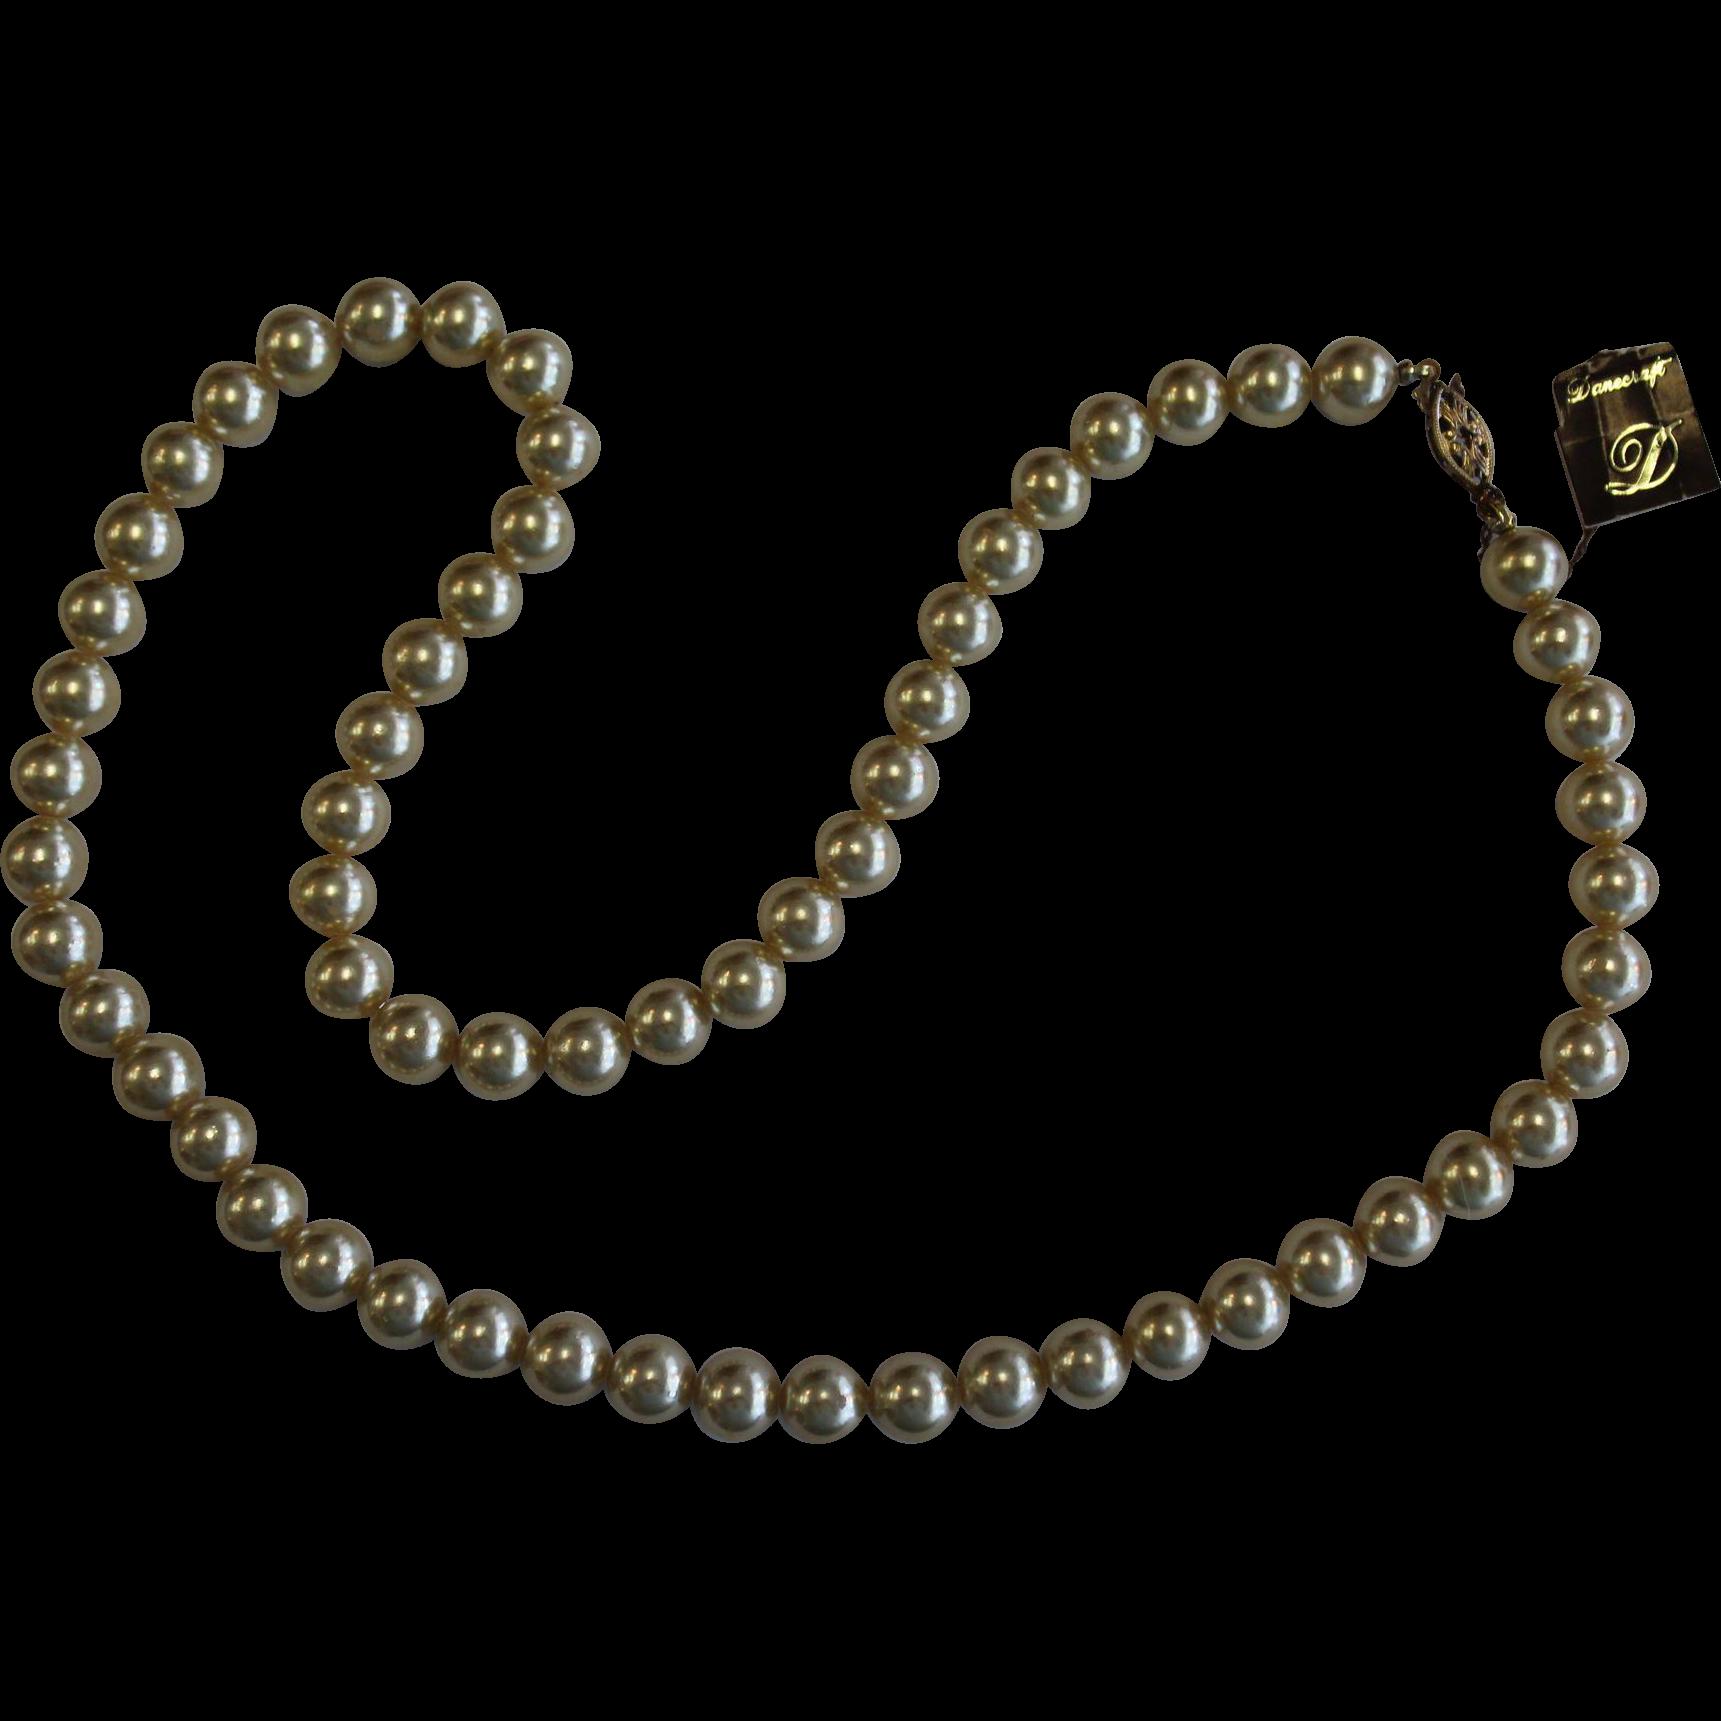 Vintage Danecraft Cream Colored Faux Pearl Necklace